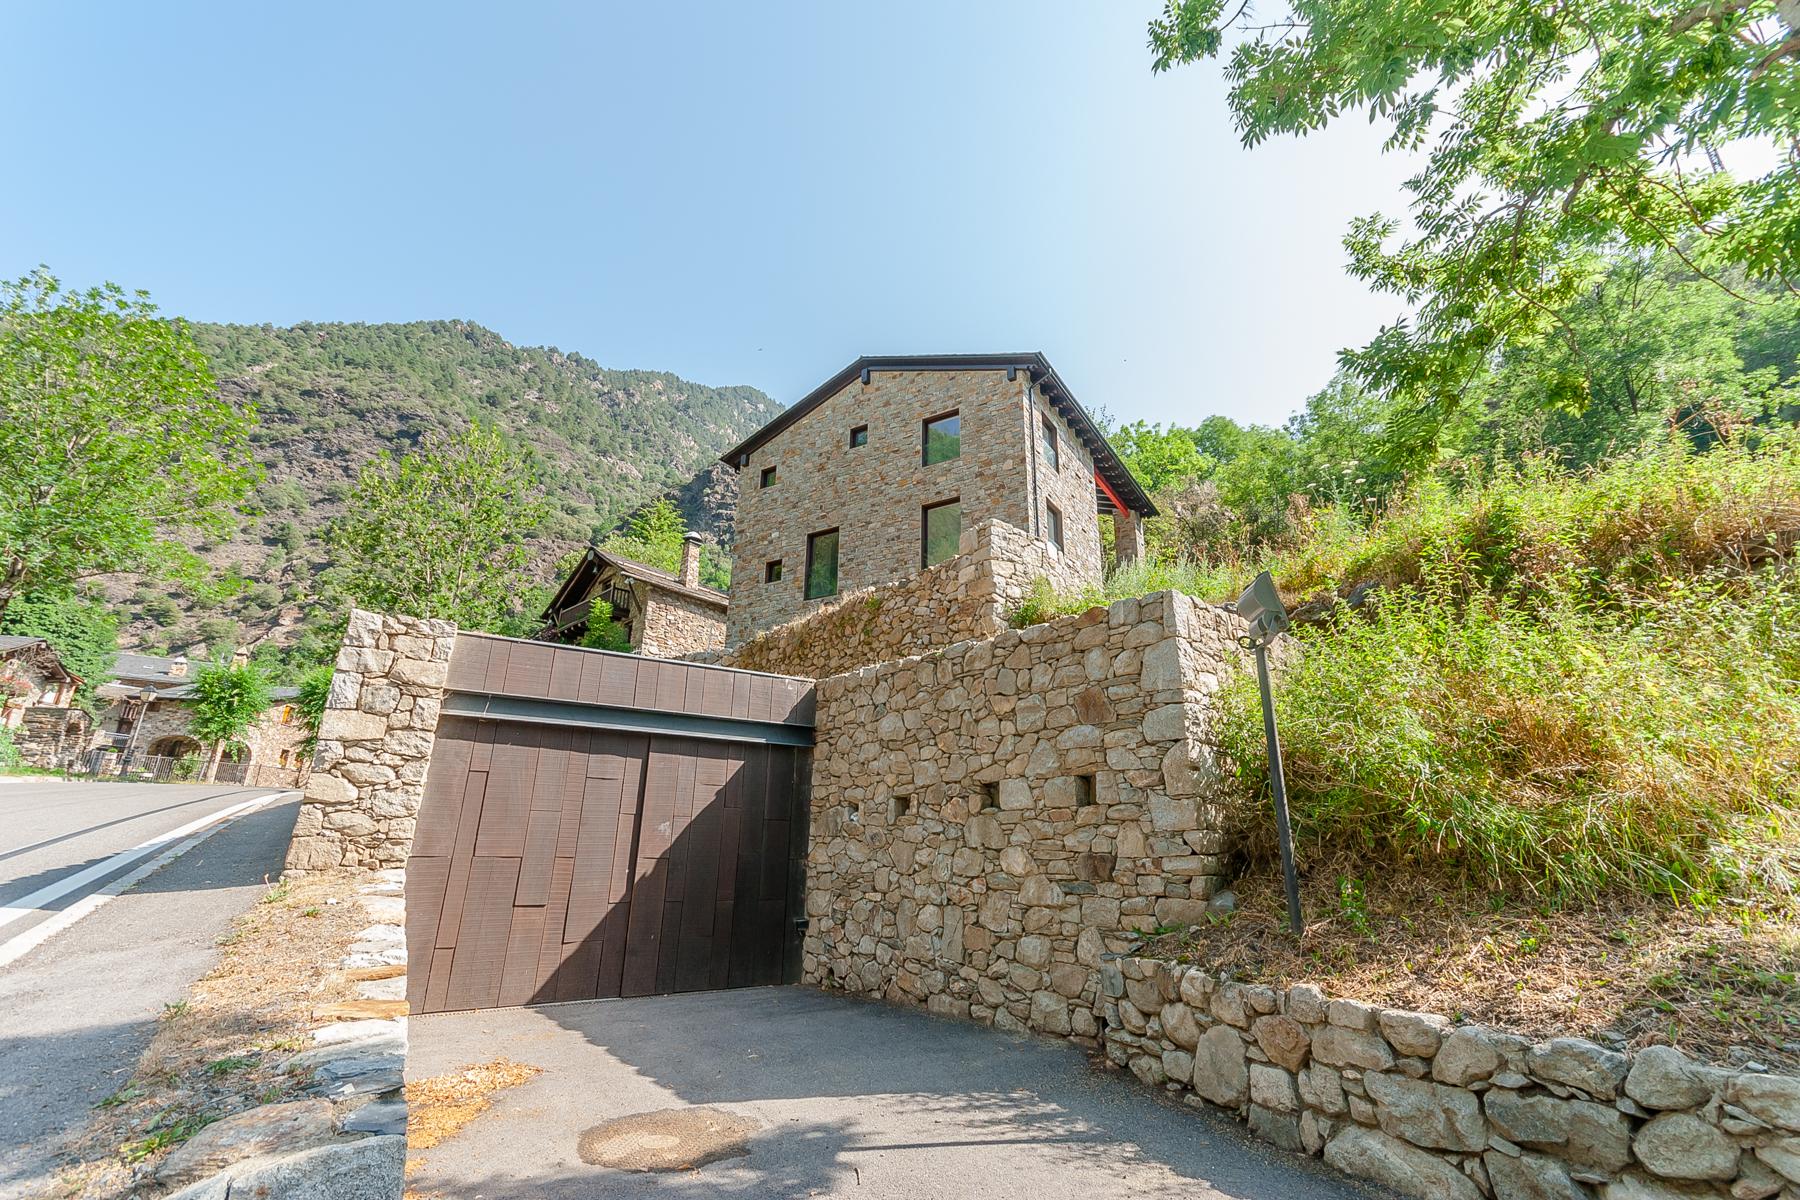 一戸建て のために 売買 アット Chalet-Tower for sale in Bixessarri Bixessarri, Sant Julia De Loria, AD600 Andorra